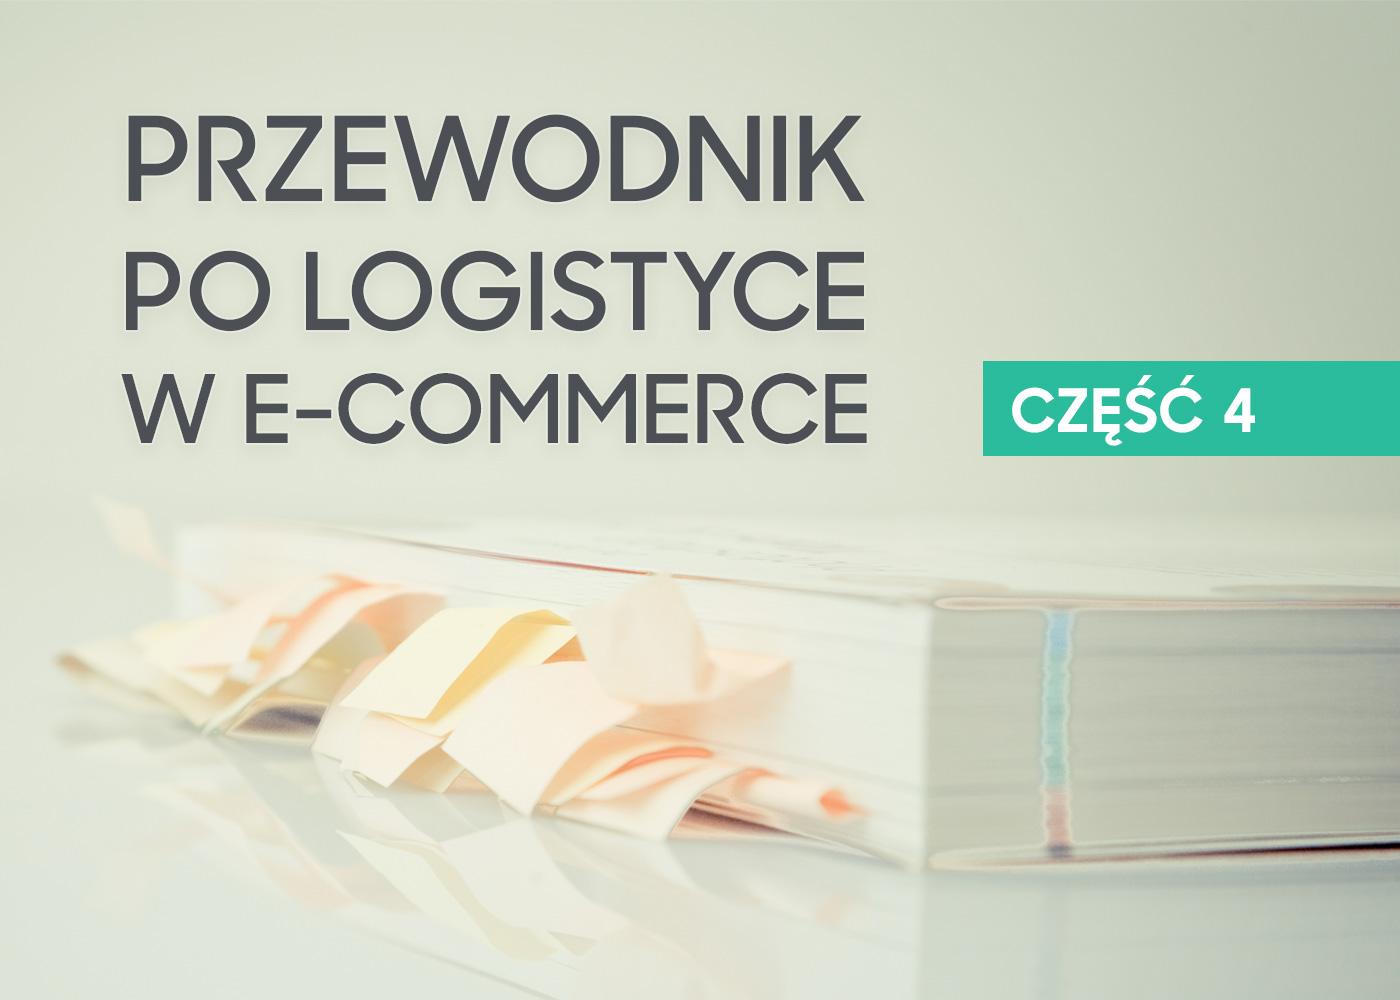 Jak zautomatyzować logistykę i sprawniej zarządzać e-sklepem? Przewodnik dla e-commerce.